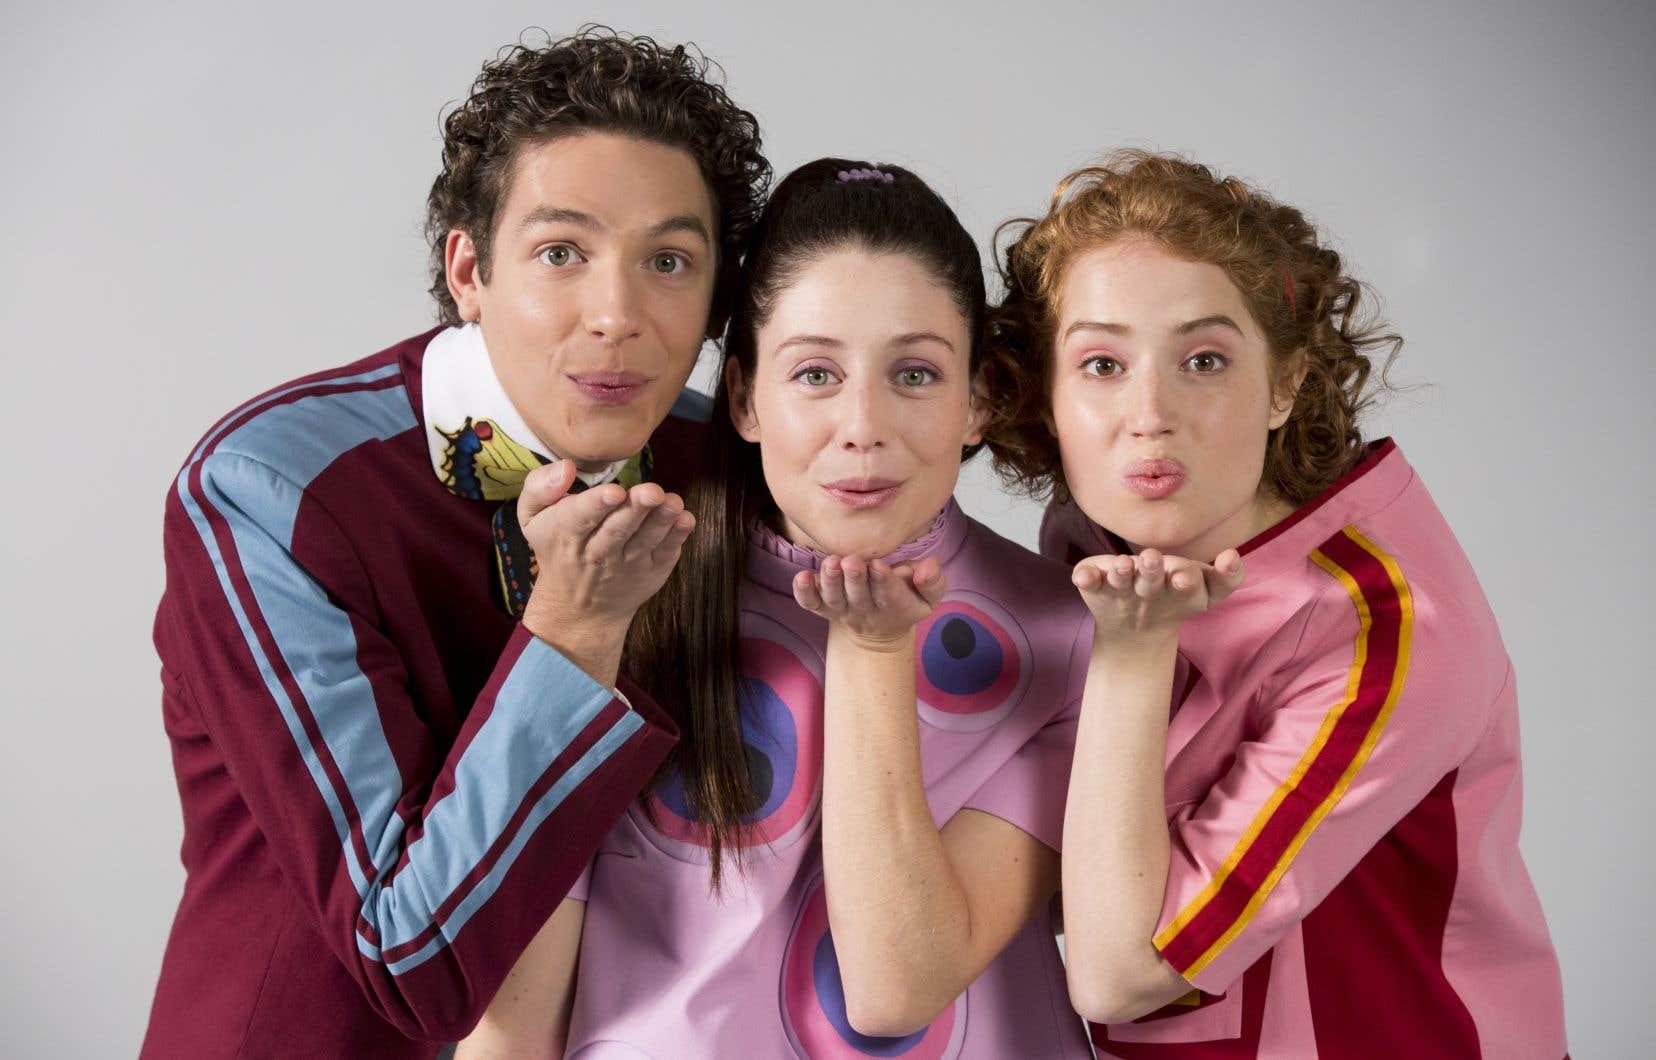 Jean-François Pronovost (Passe-Montagne),Élodie Grenier (Passe-Partout)et Gabrielle Fontaine (Passe-Carreau) enfileront leurs costumes colorés pour ce spectacle d'une cinquantaine de minutes intitulé «Coucou Passe-Partout».